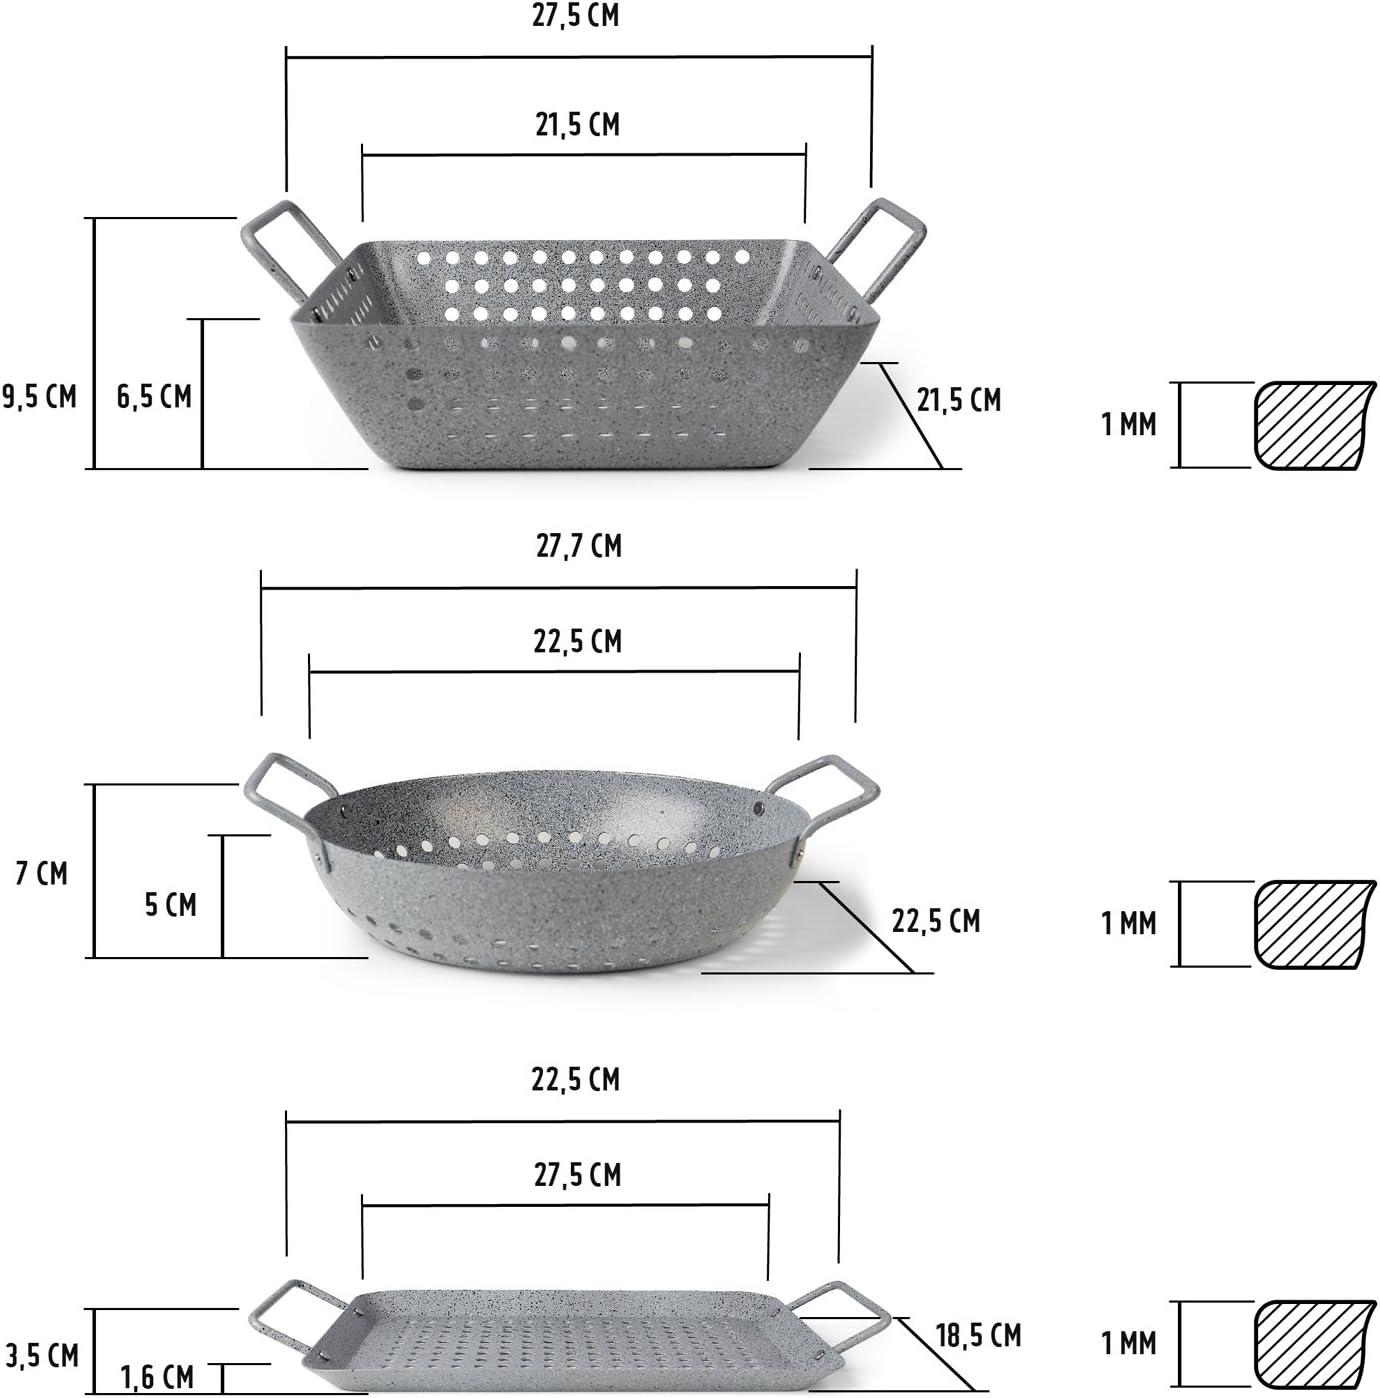 Grillkorb f/ür Gem/üse 27 x 22 x 10cm Fisch oder Meeresfr/üchte Grillpfanne in Steinoptik Rustler Grillschale quadratisch aus Eisenstahl mit Antihaftbeschichtung f/ür Backofen und alle Grills